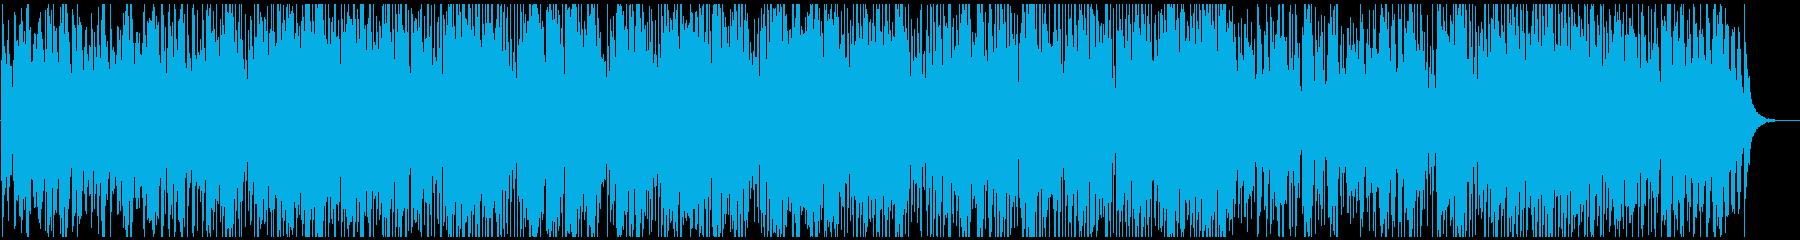 滑らかで心地よいジャズの再生済みの波形